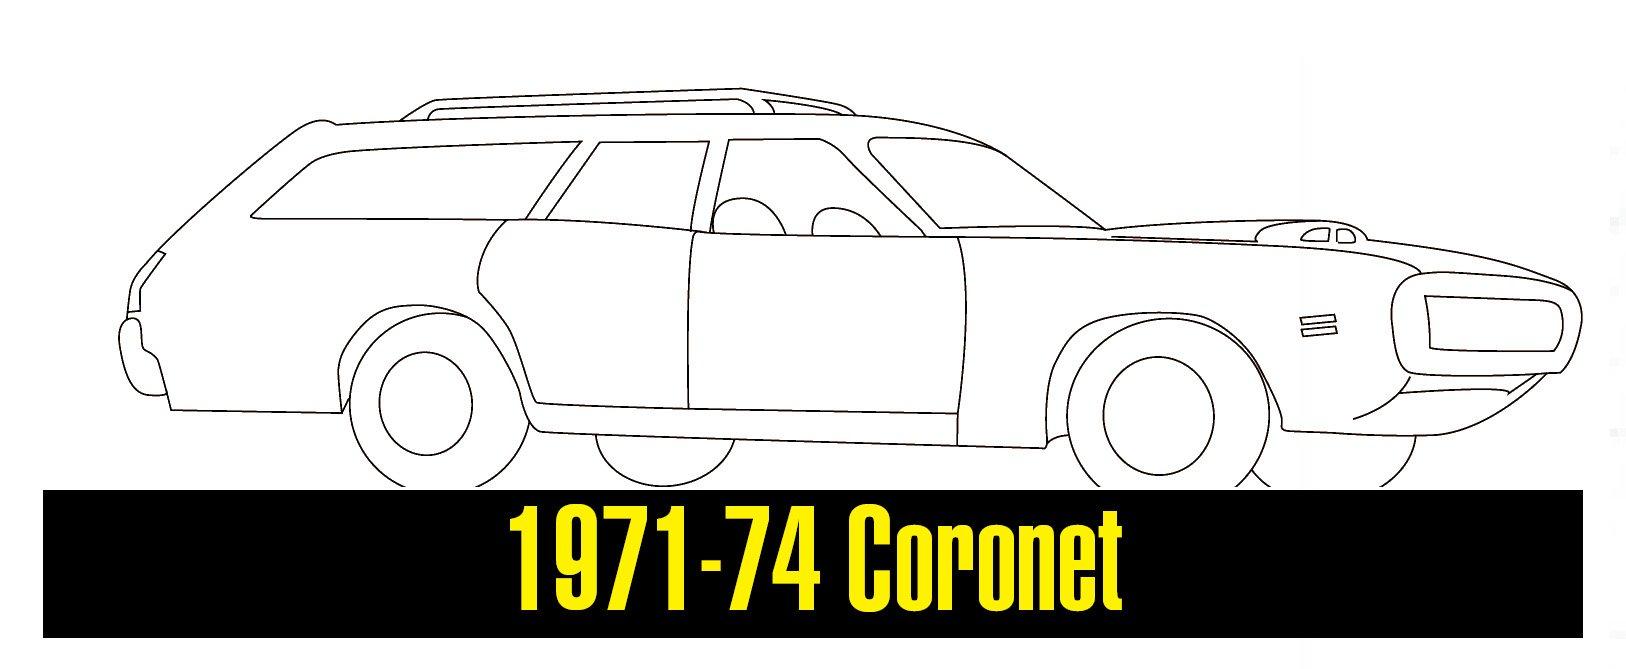 Classic_Dodge_71_Coronet